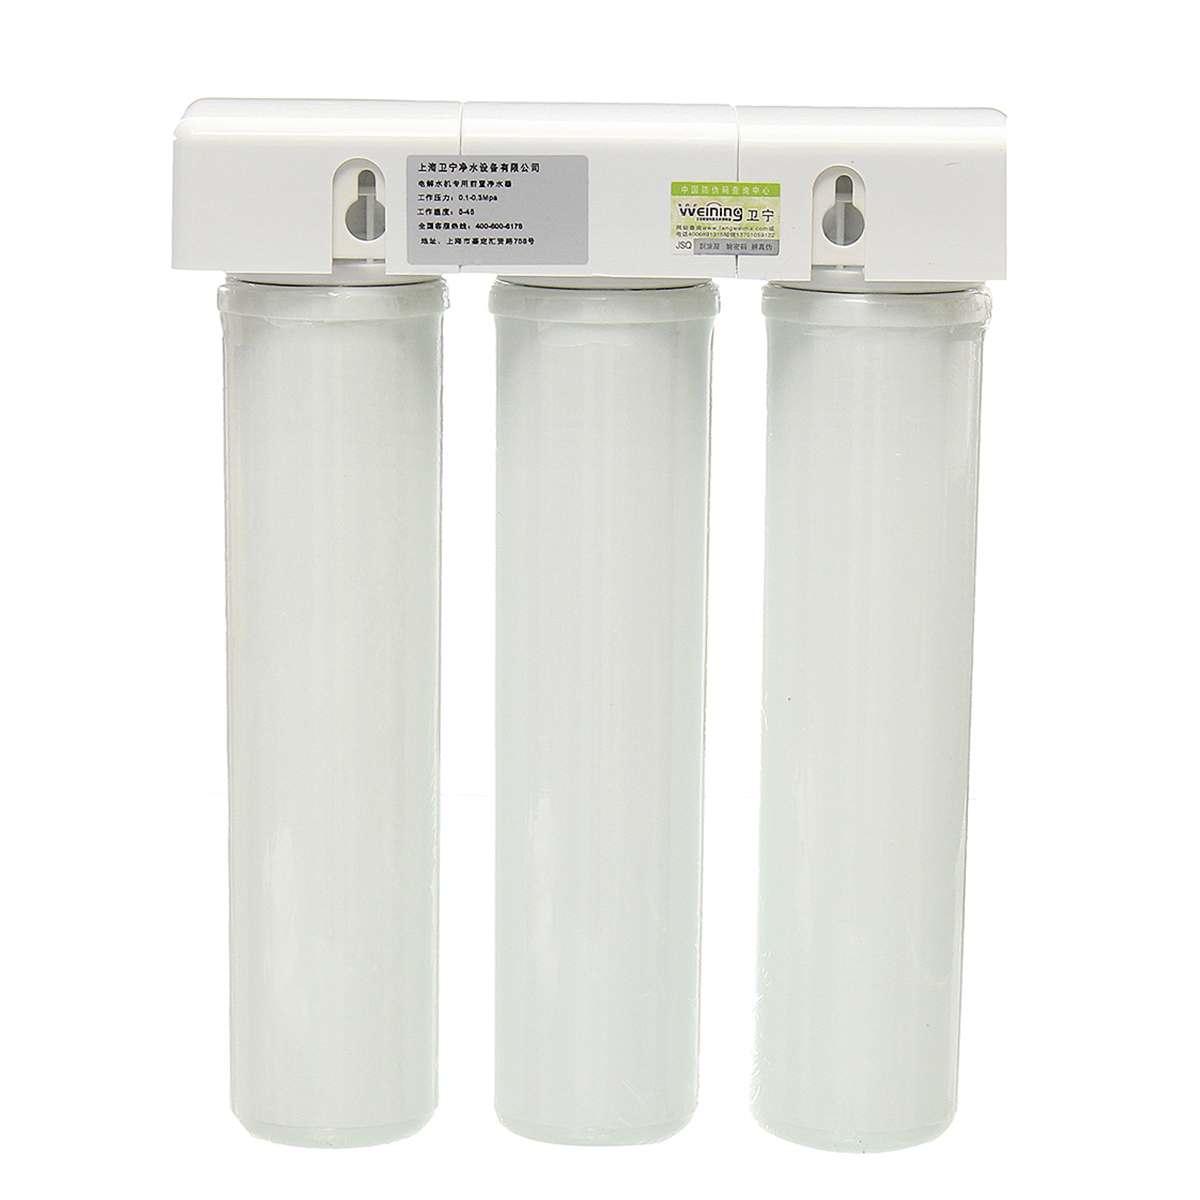 Machine d'épurateur d'ioniseur d'eau filtre acide alcalin contrôle tactile d'affichage à cristaux liquides - 3